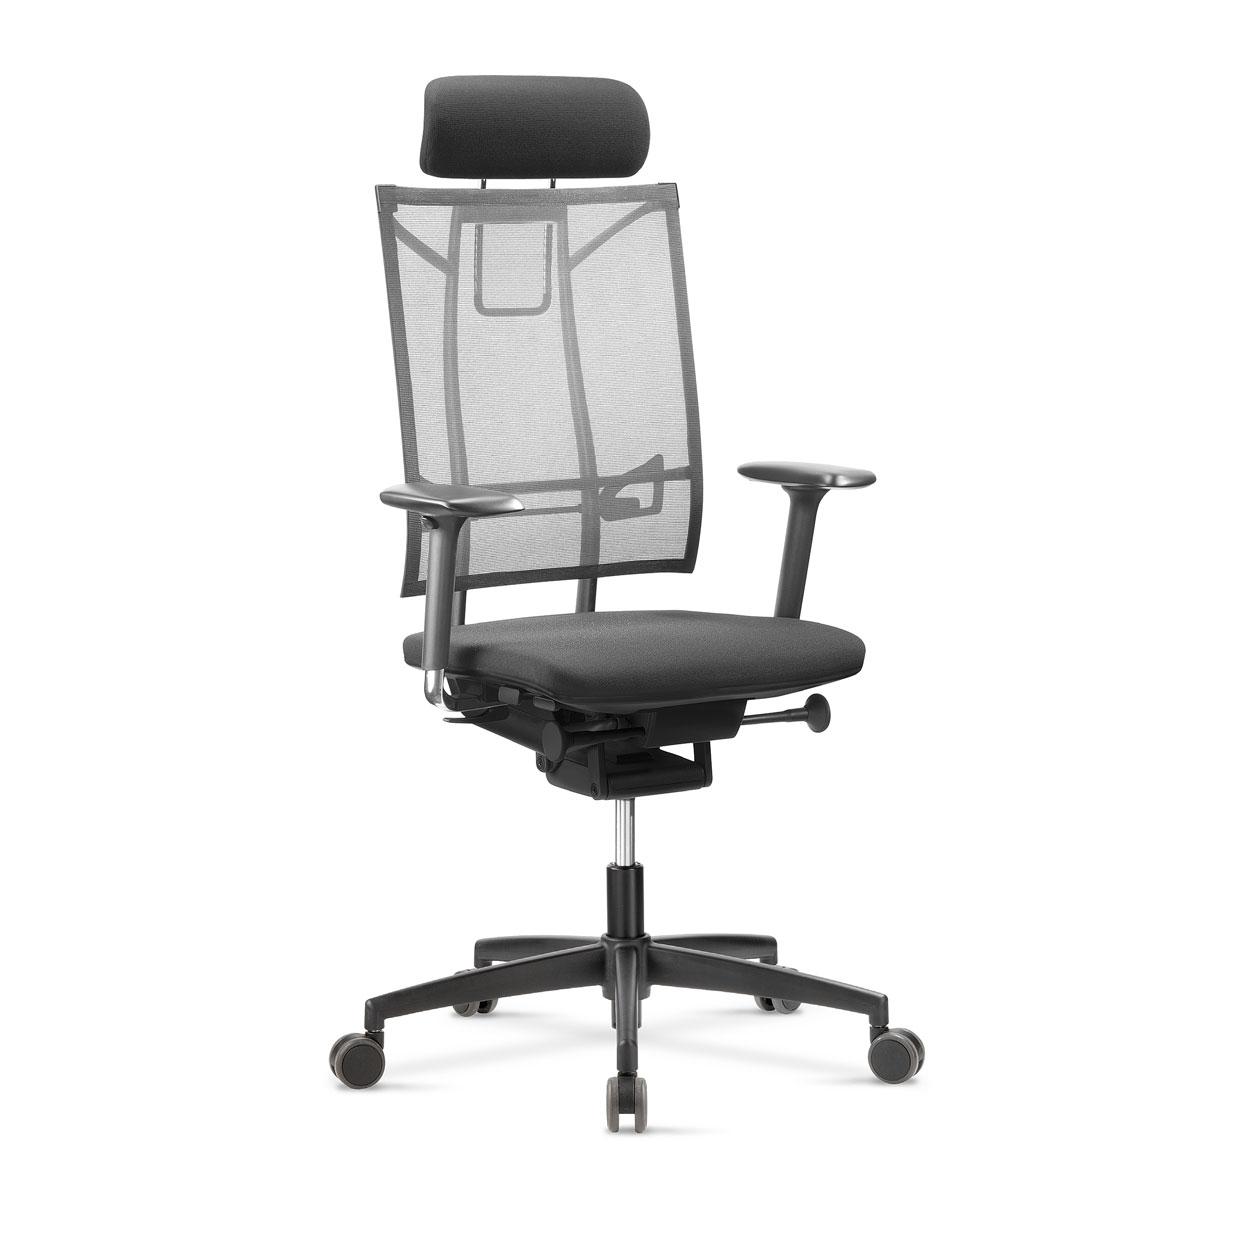 fauteuil de bureau ergonomique avec renfort lombaire. Black Bedroom Furniture Sets. Home Design Ideas